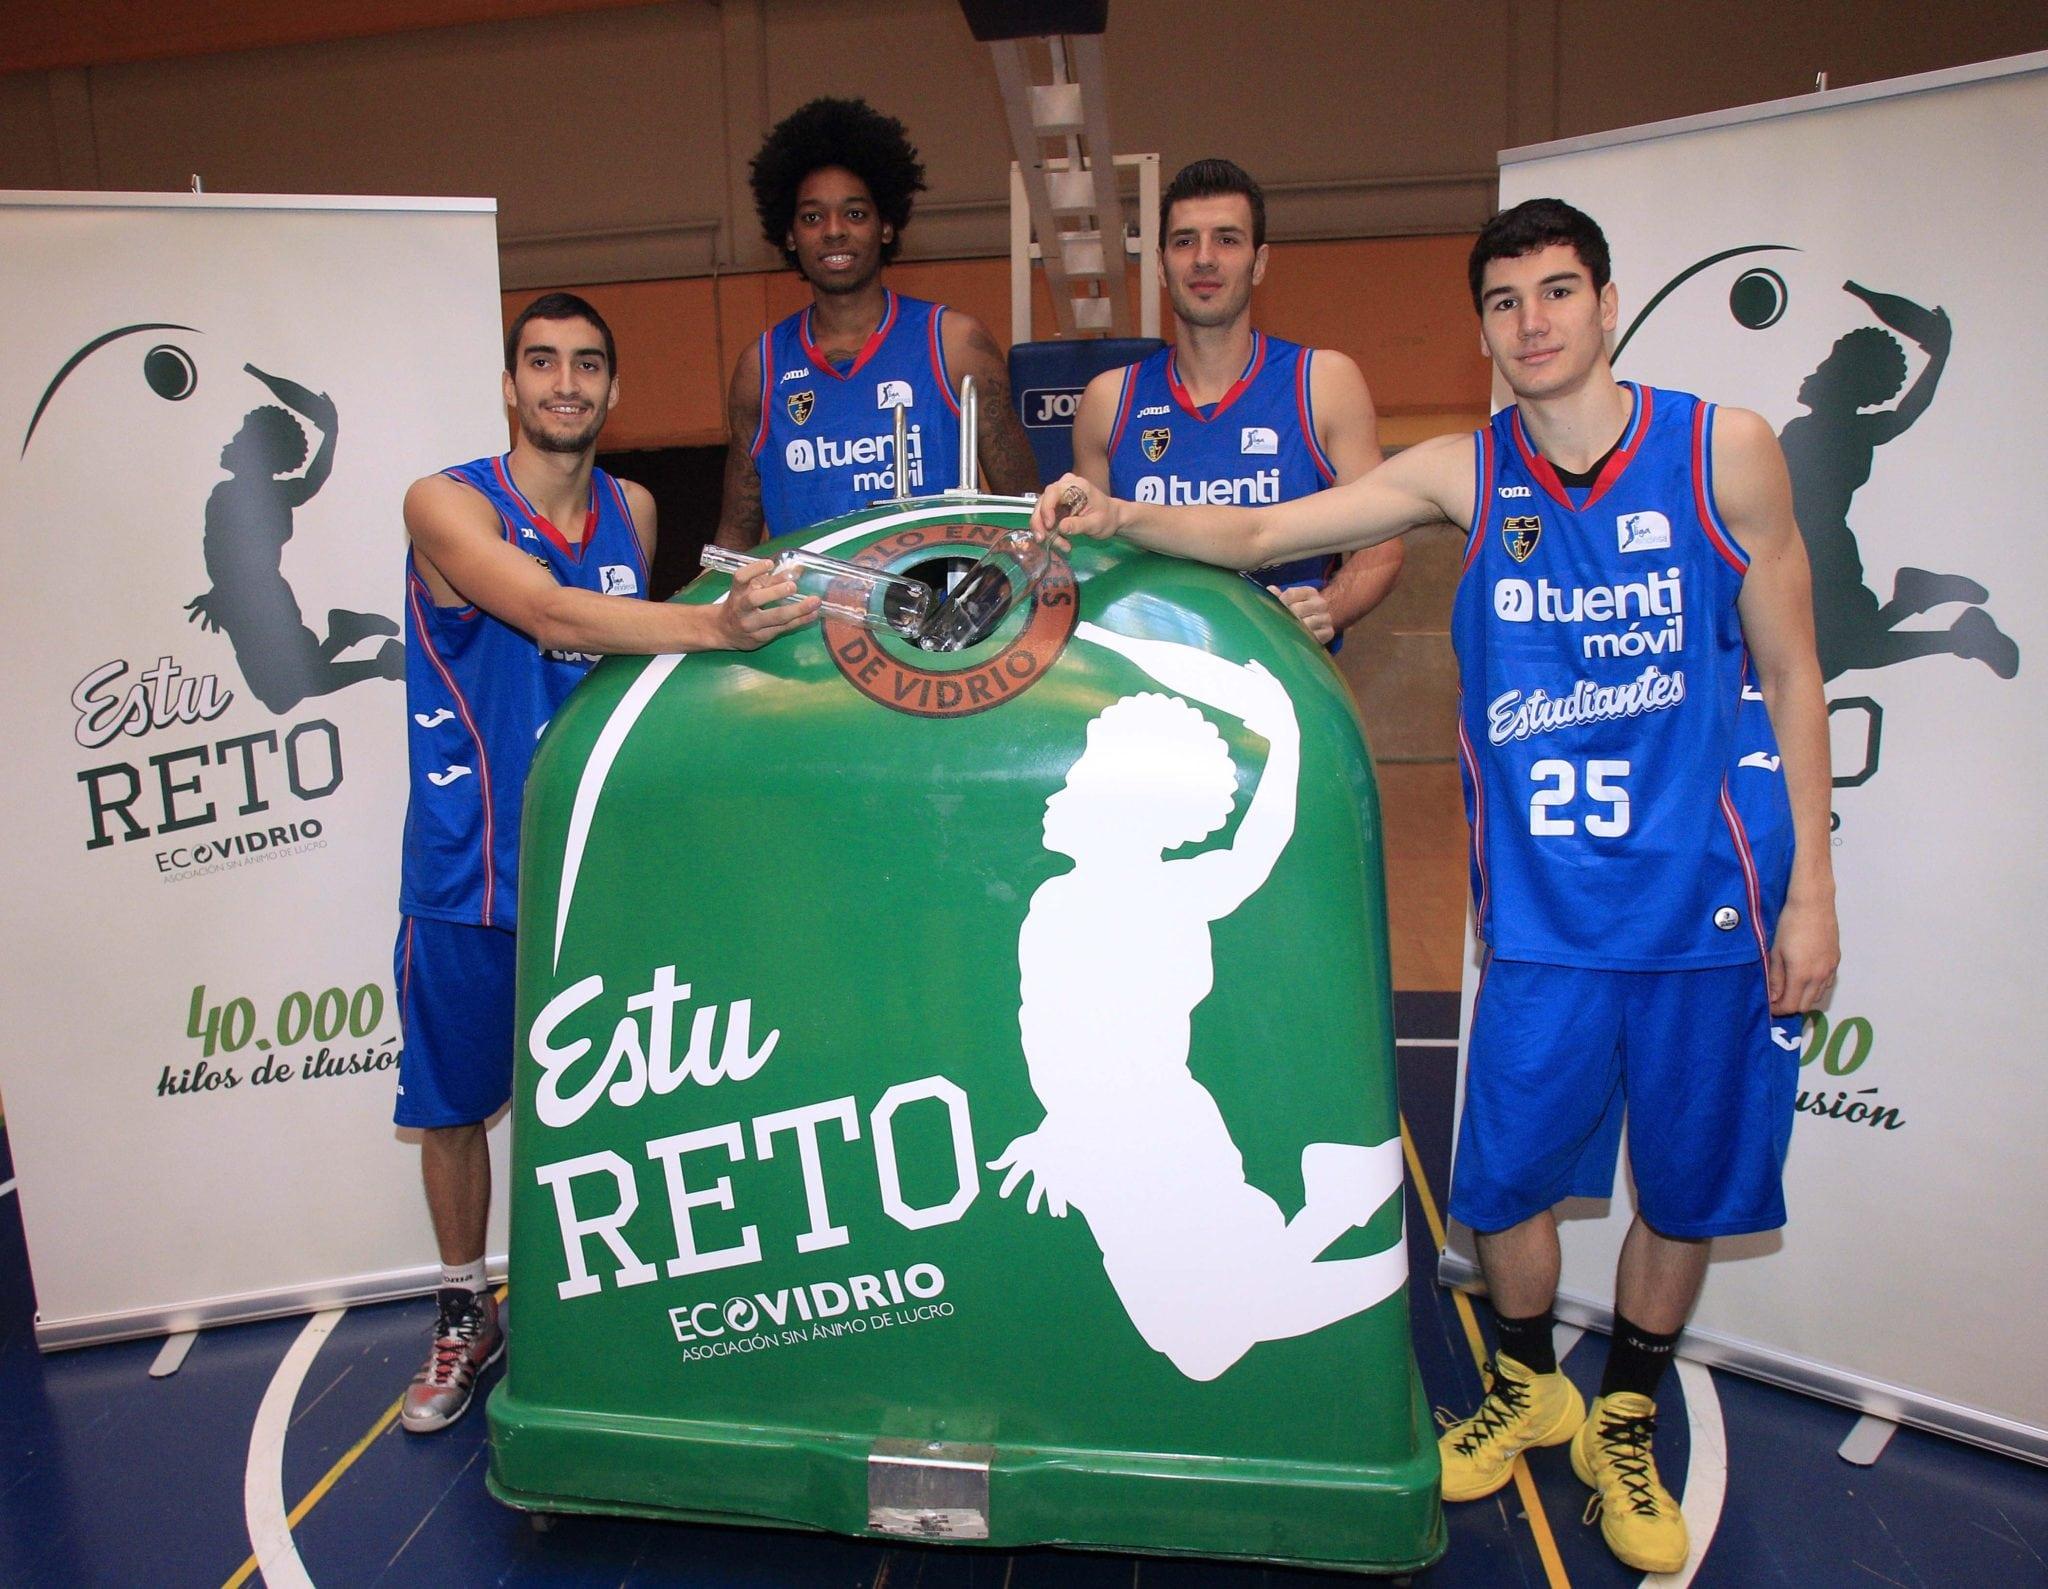 Recicla tu vidrio en el partido y colabora con el EstuReto: si llegamos a 40.000 kgs, Ecovidrio patrocina la cantera